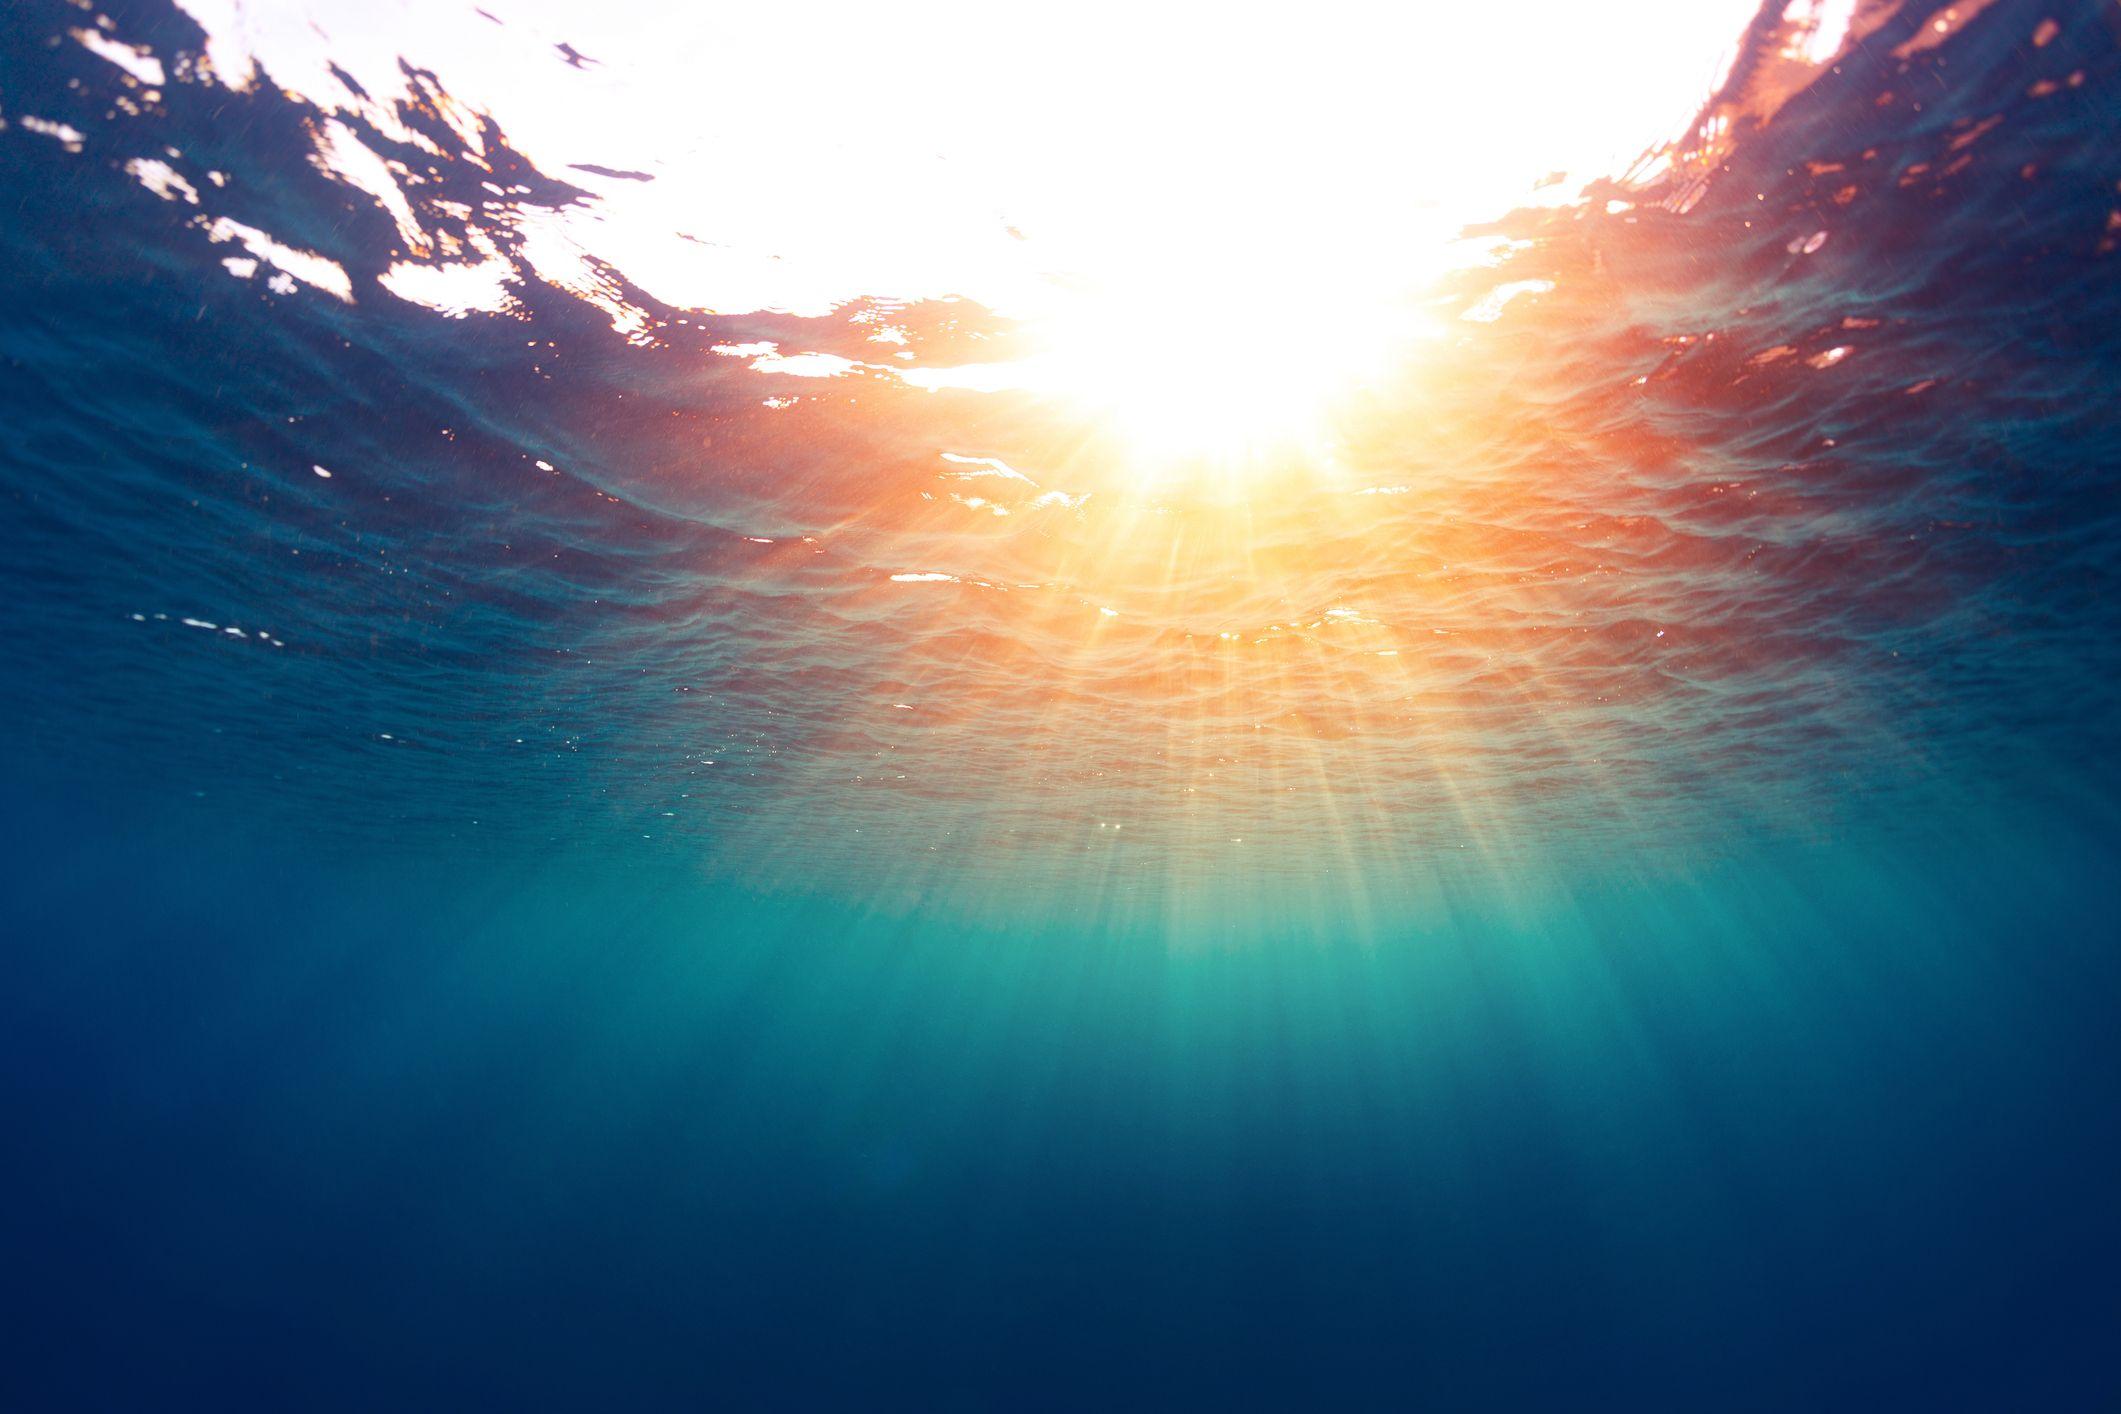 file photo of sea and sun